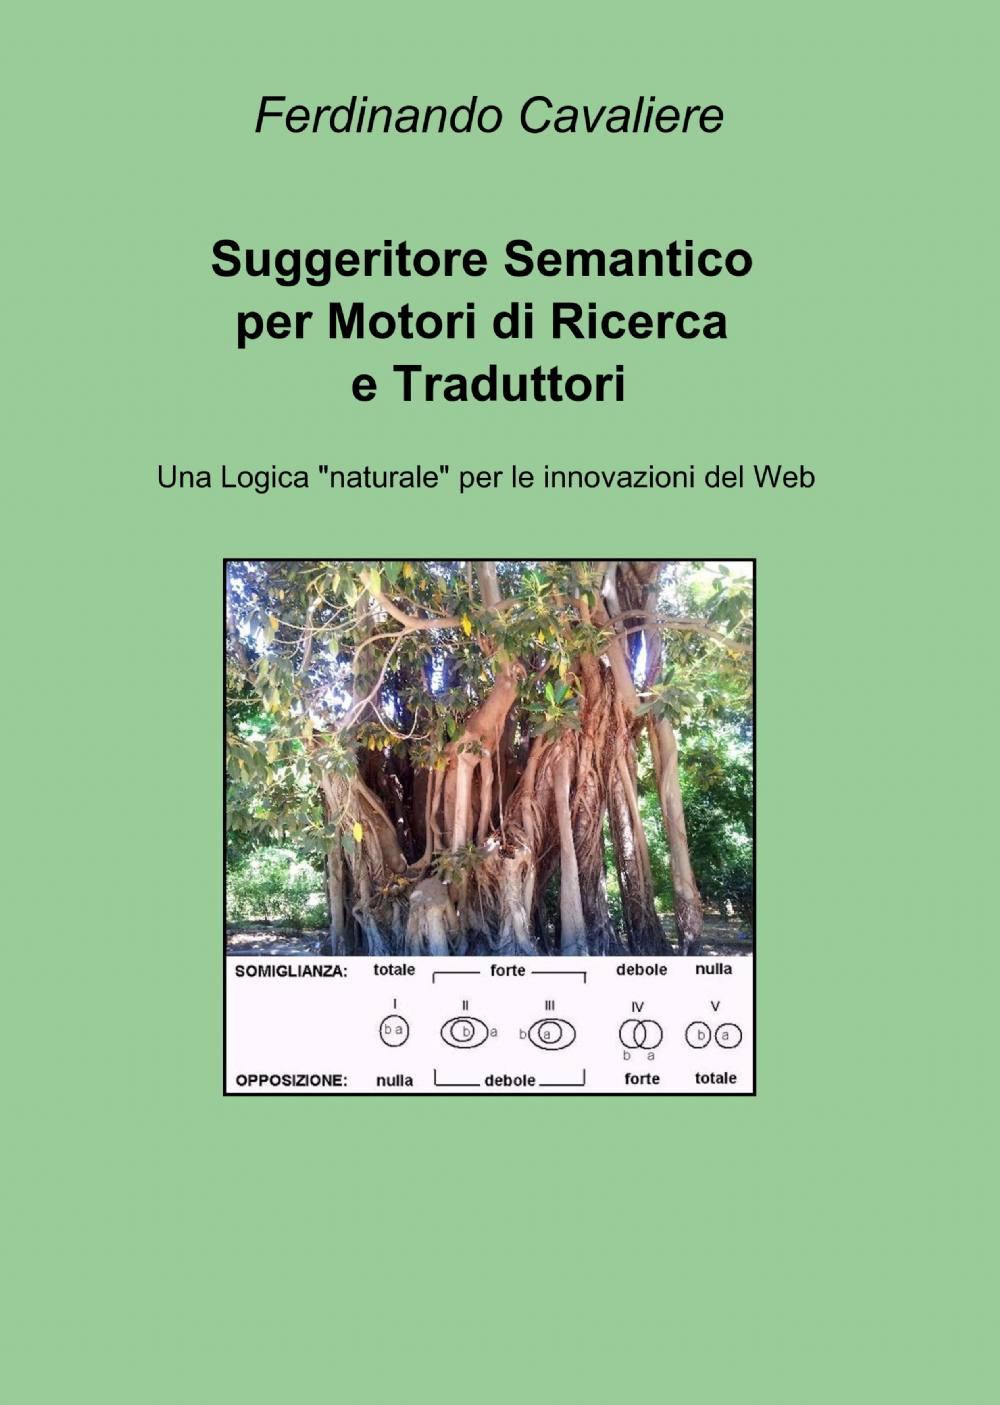 Image of Suggeritore semantico per motori di ricerca e traduttori